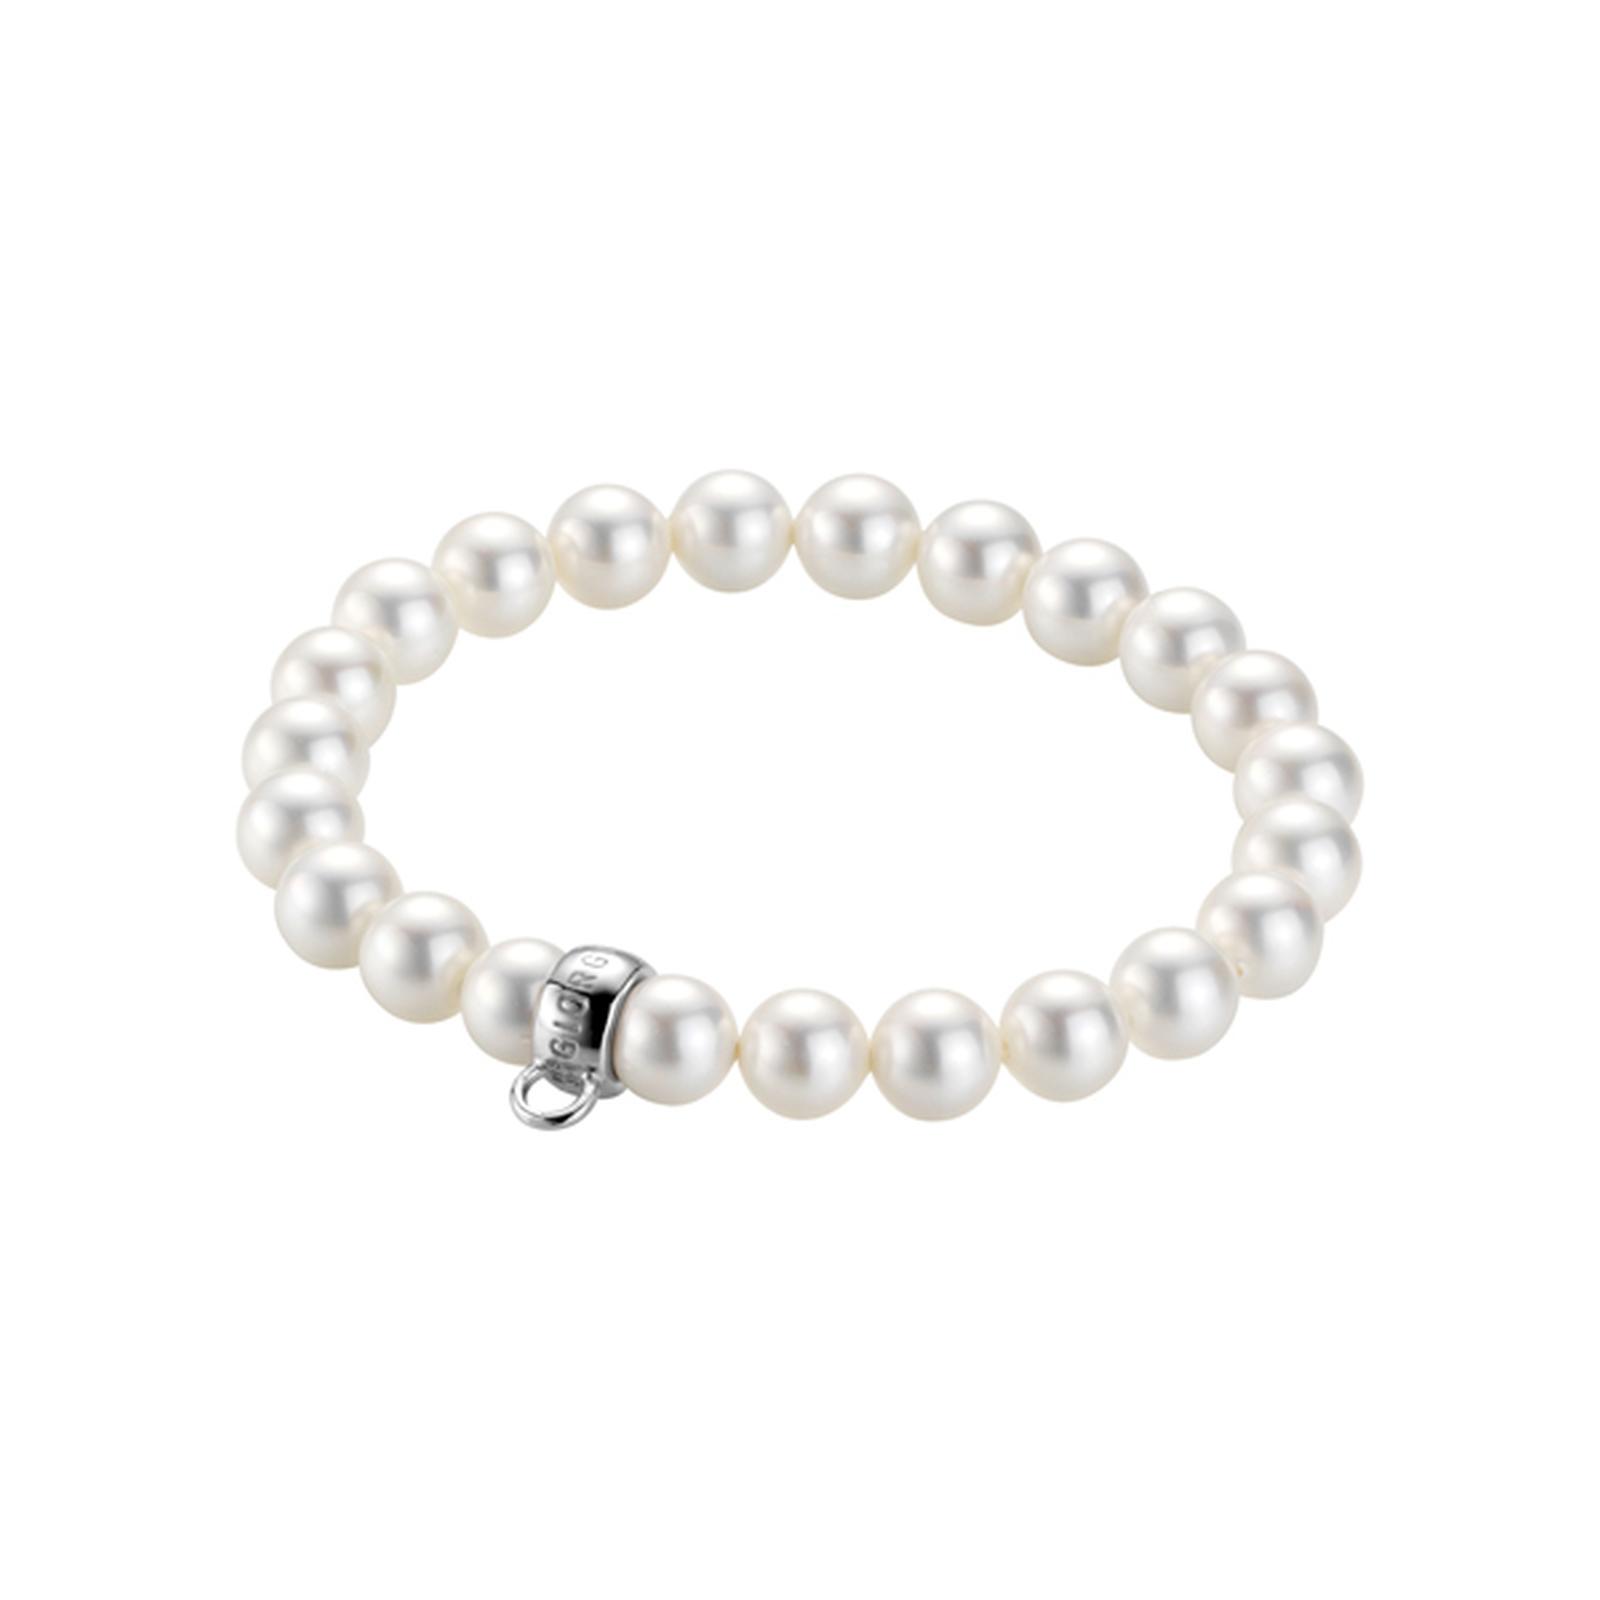 Armband mit Muschelkern Perlen